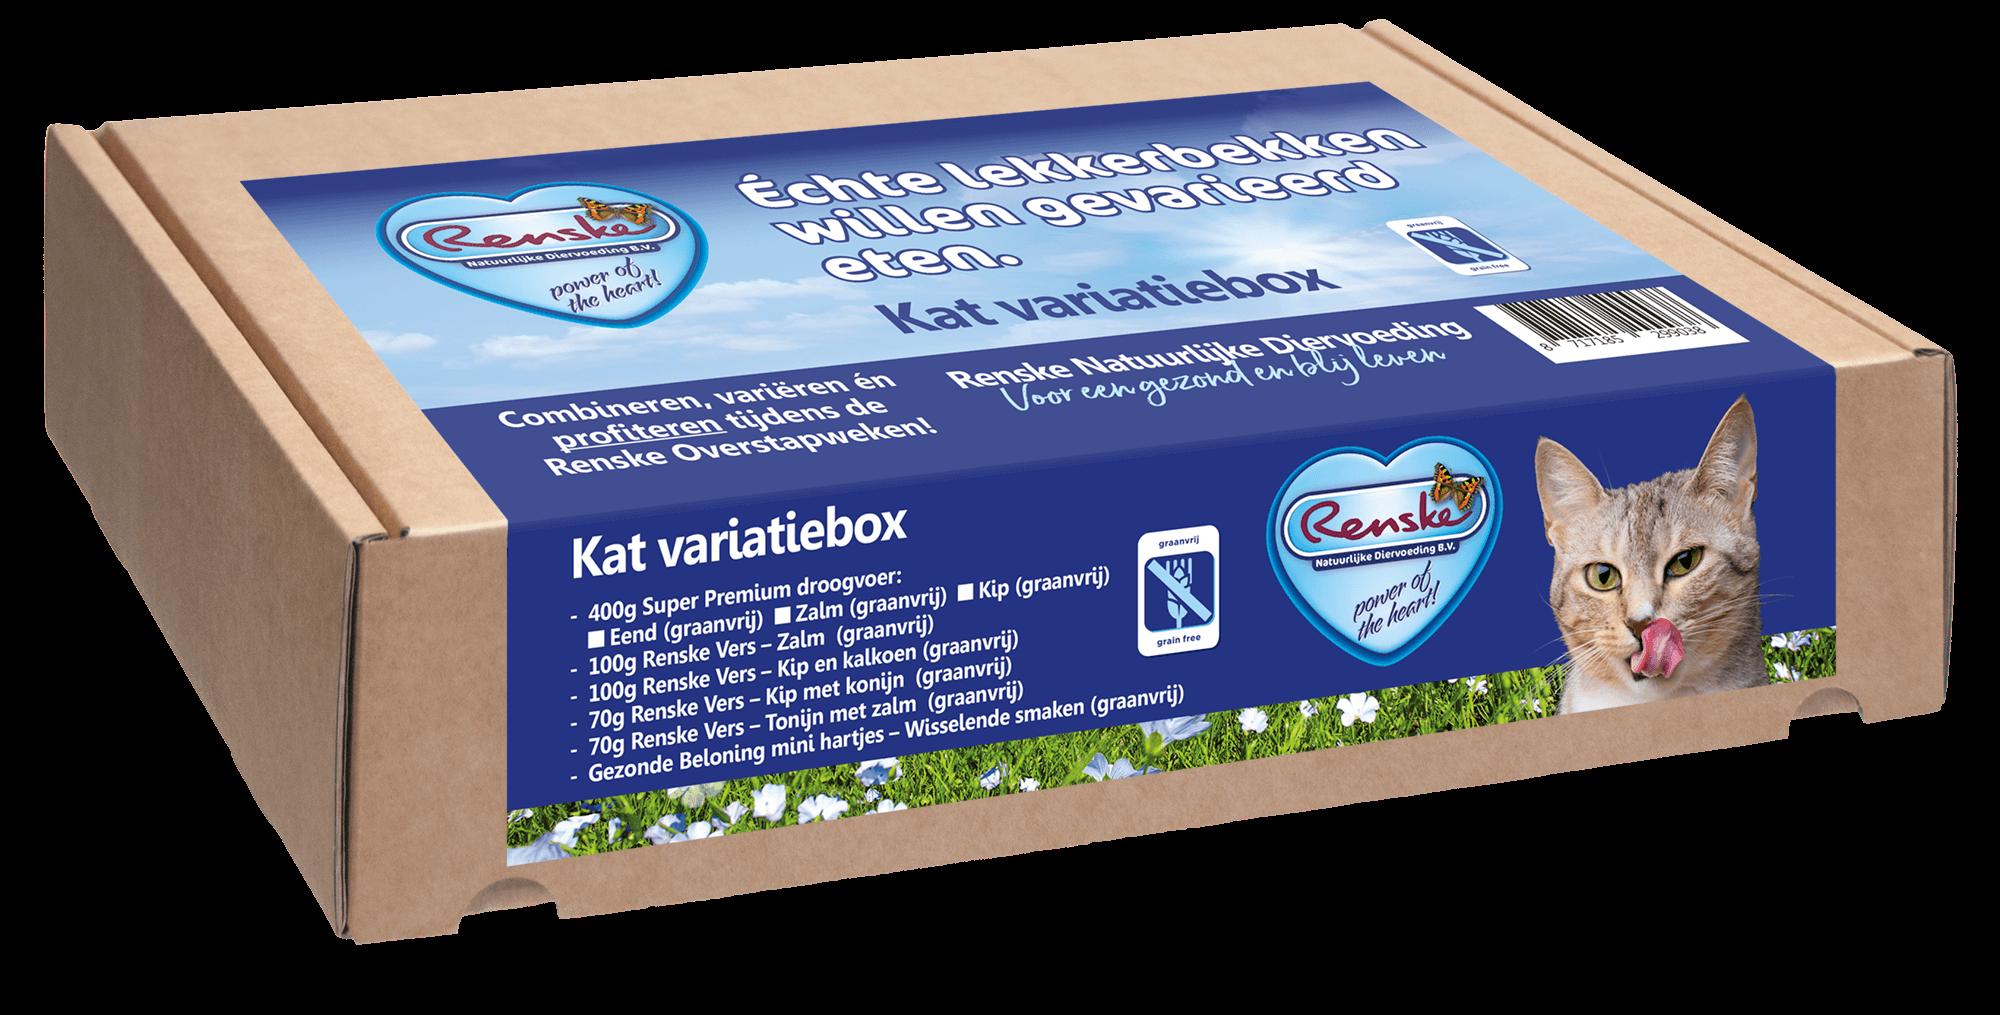 variatiebox-kat-8717185299038a